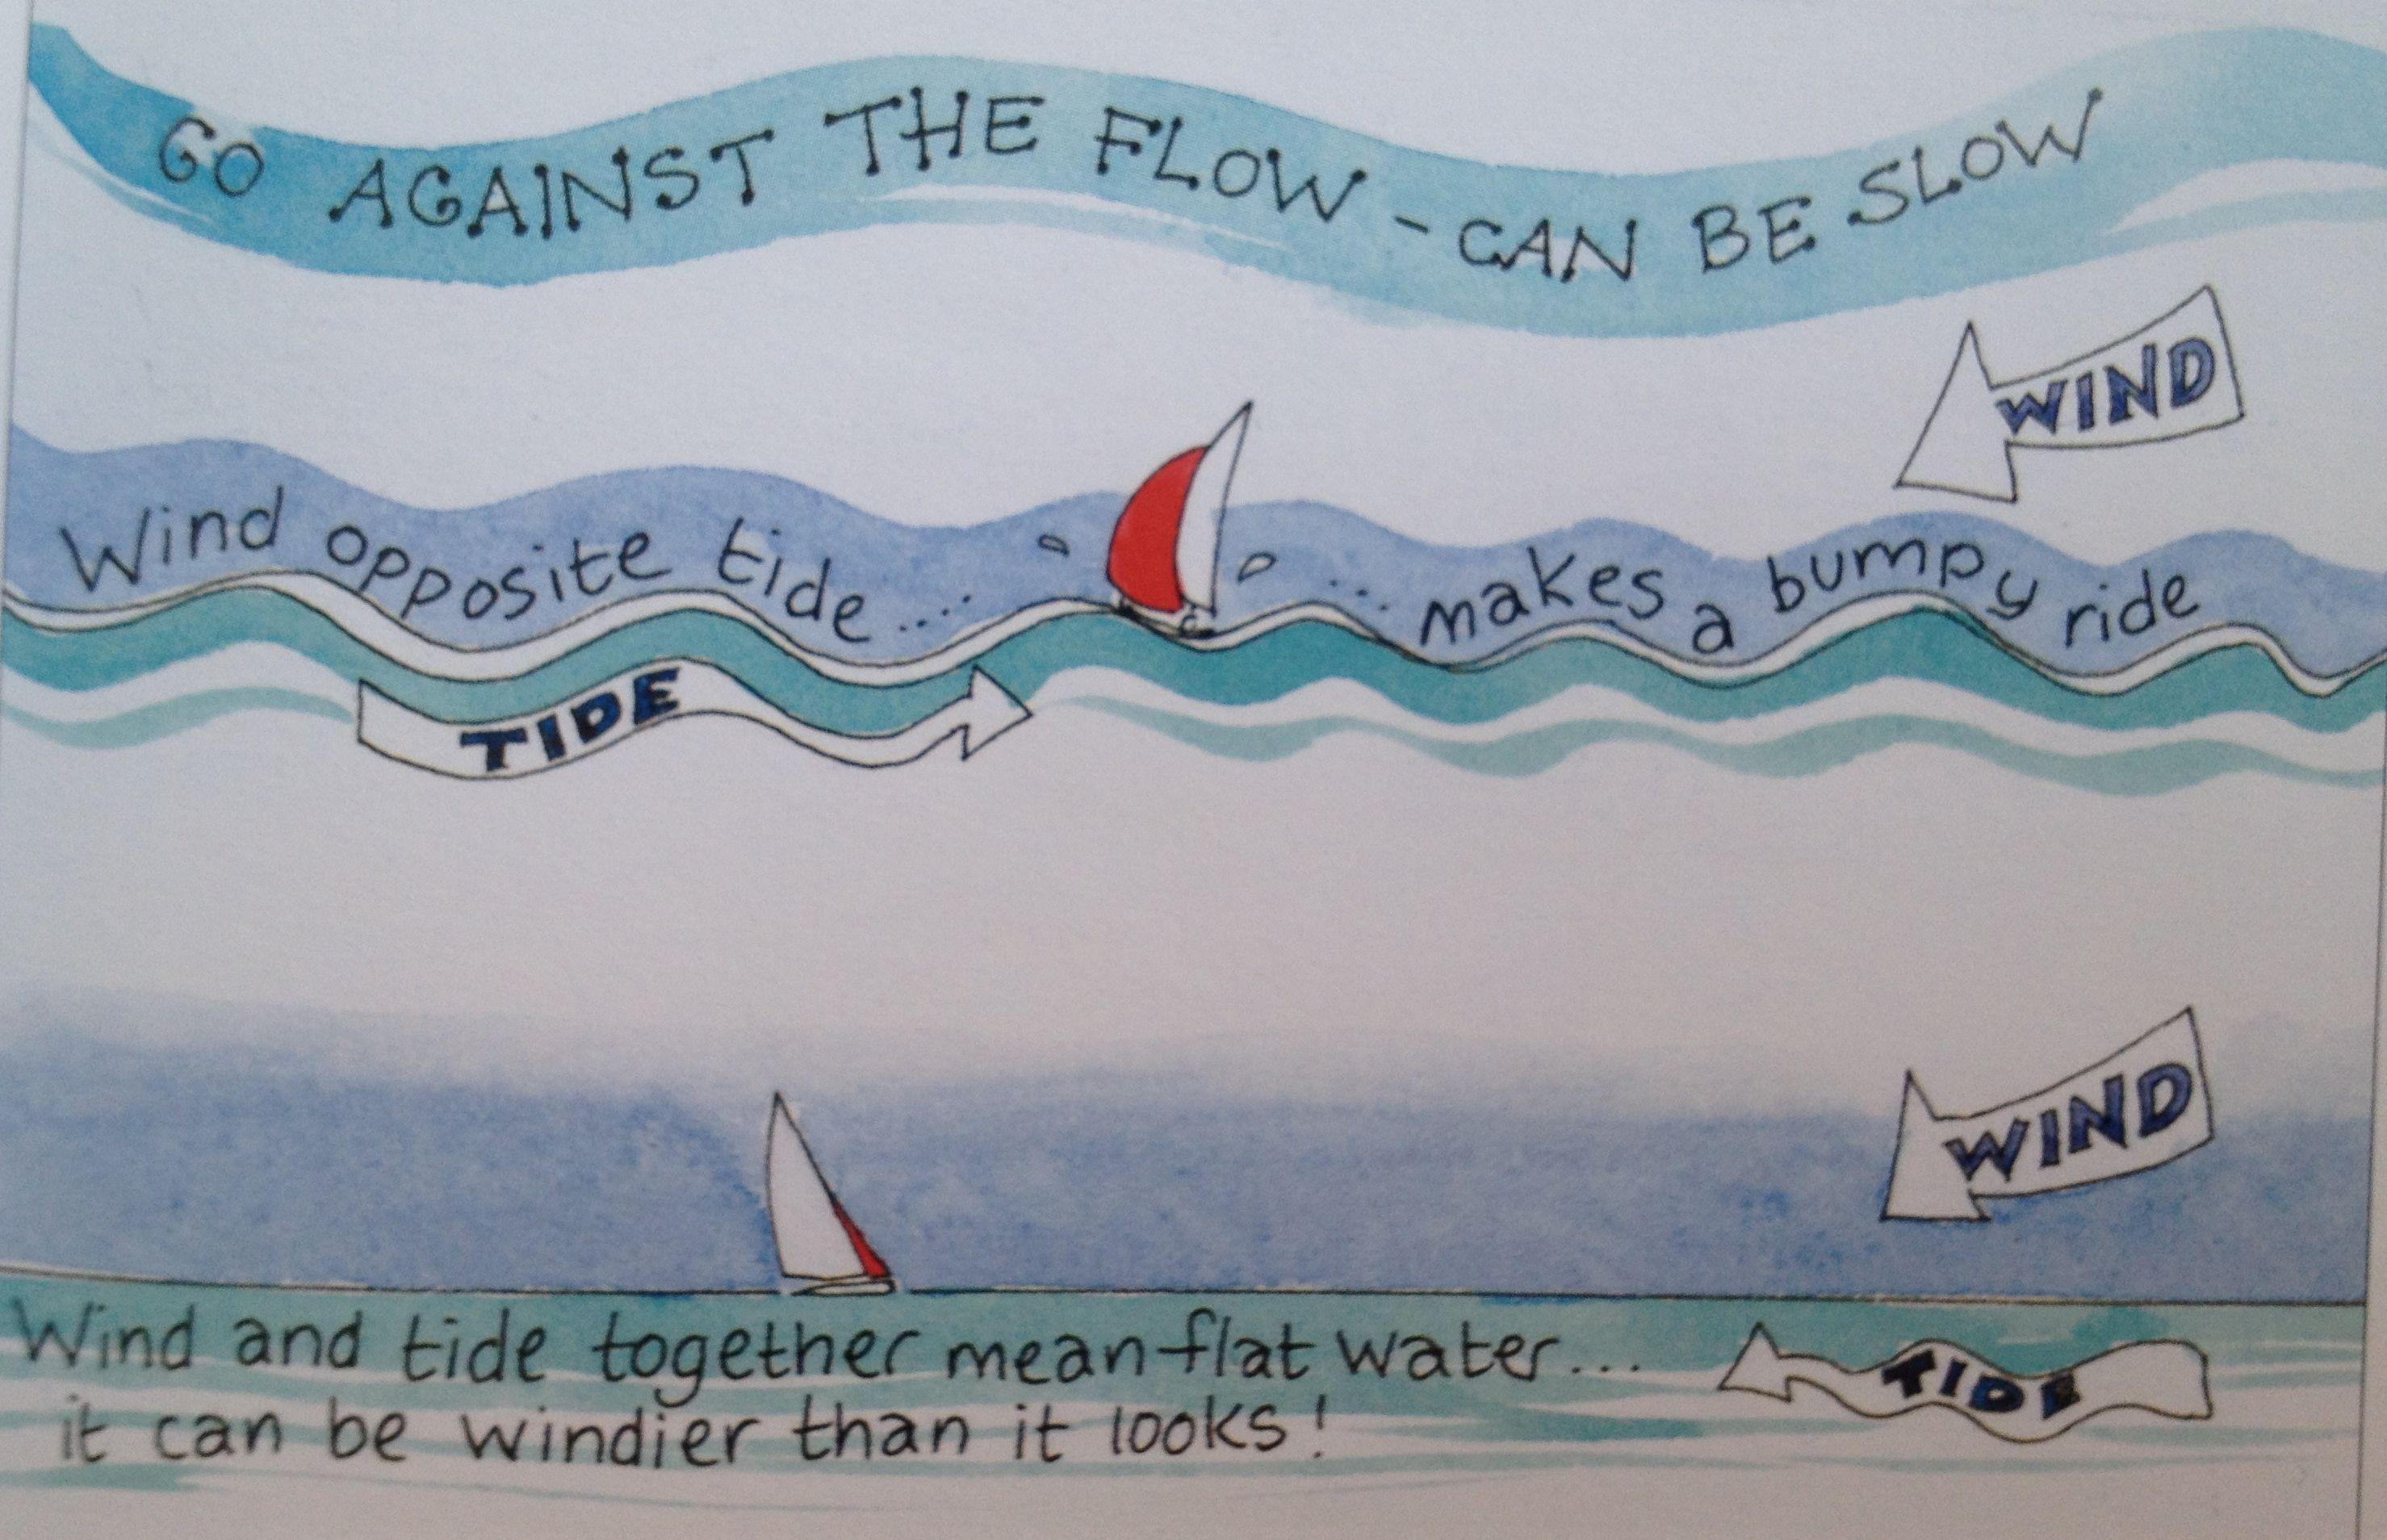 图片,测量,影响 怎么测量出流水的方向与速度?流水有什么作用?又有哪些影响呢? 42d风流对水面的影响.jpg